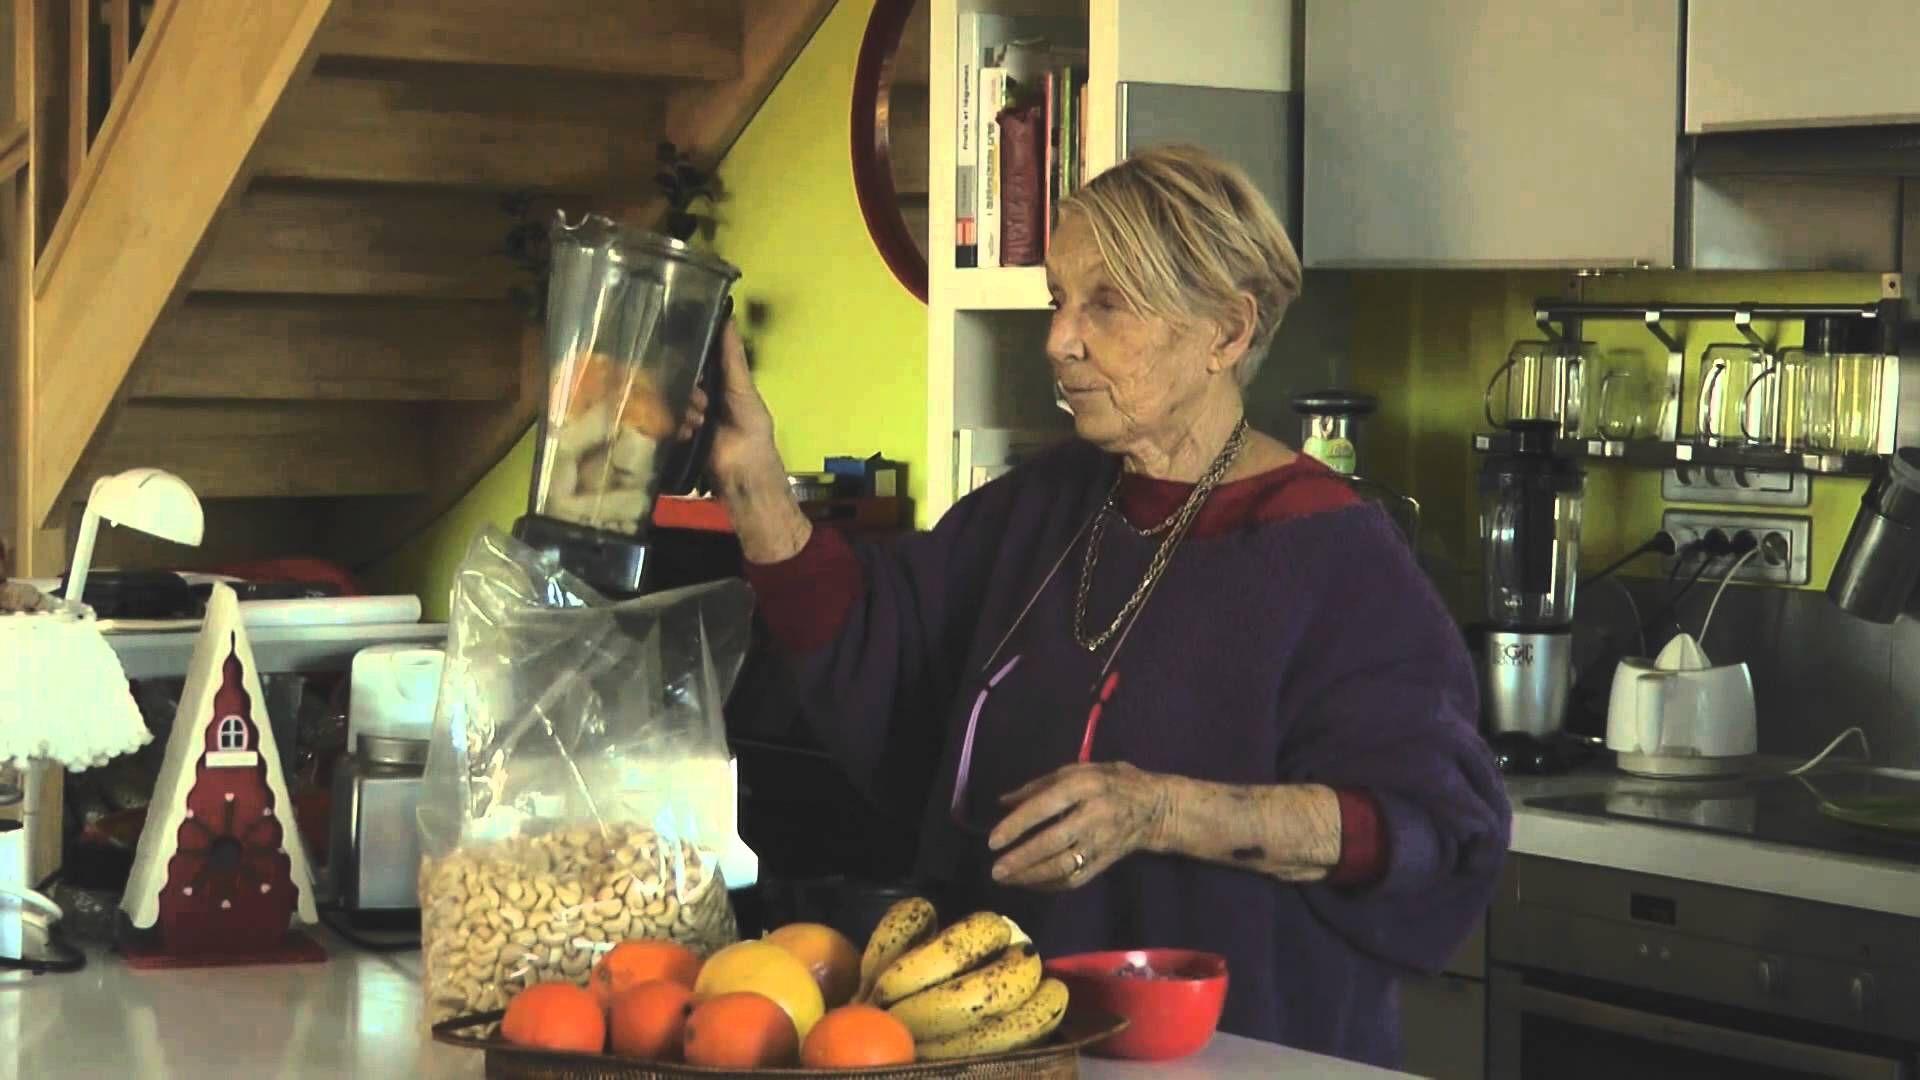 Irène Grosjean : réapprendre à manger vivant pour son bien-être 3a4dc1d5c9f643223bc81f62933e318e